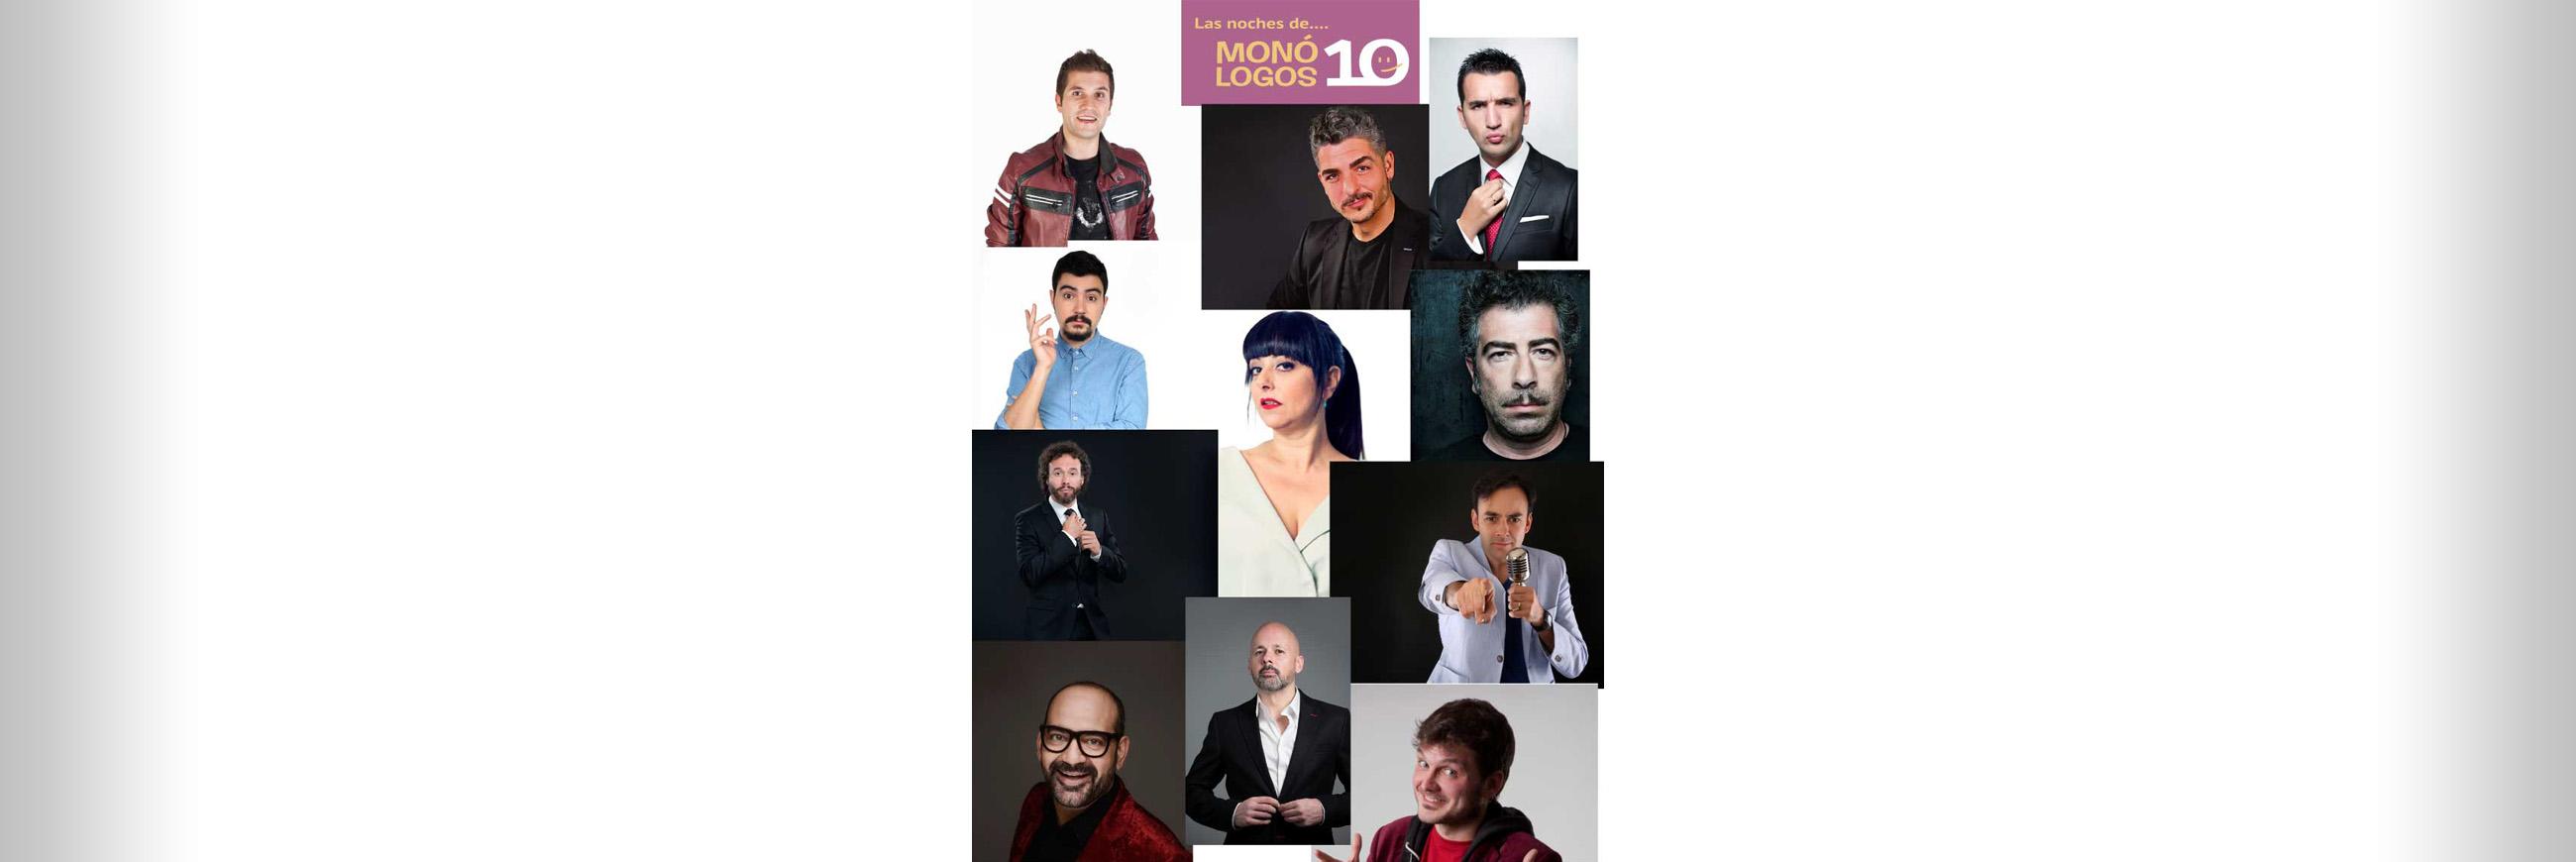 monólogos10